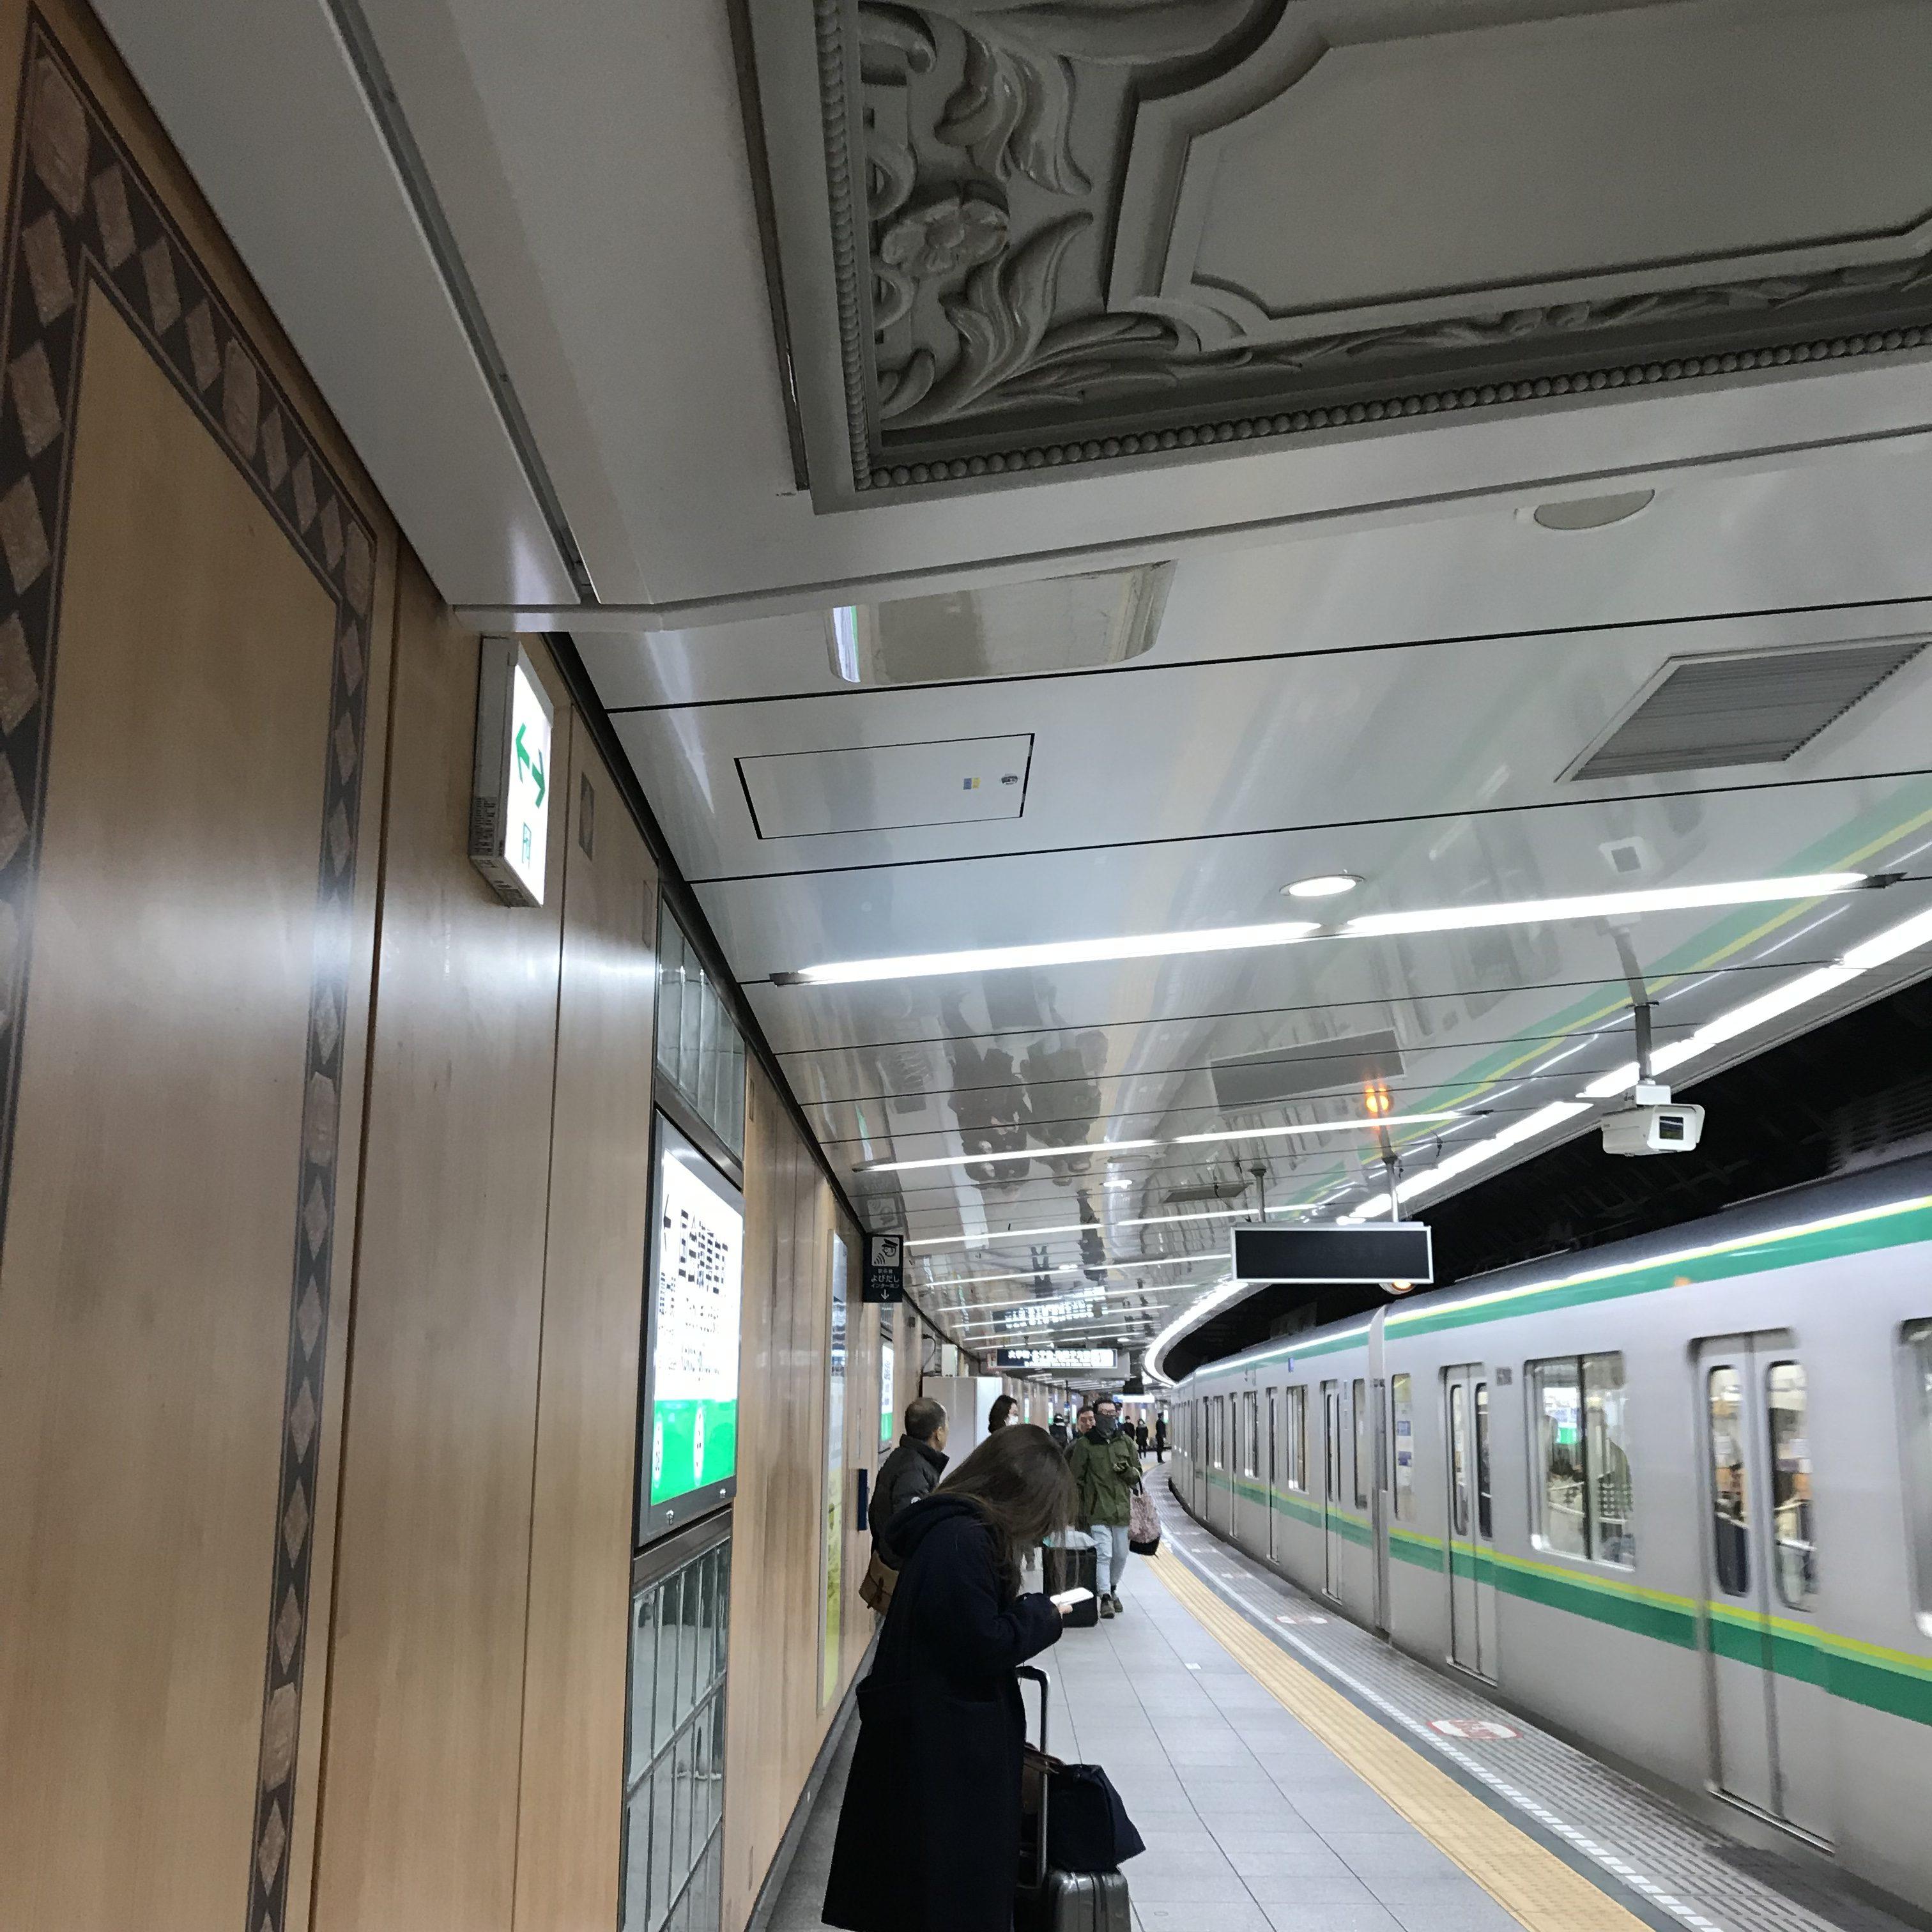 JRはいまだエレベーターがちゃんと備わってない駅が多くて、なんと新宿も! なのでガラガラキャリーで帰るときは時間かかるけど地下鉄です。